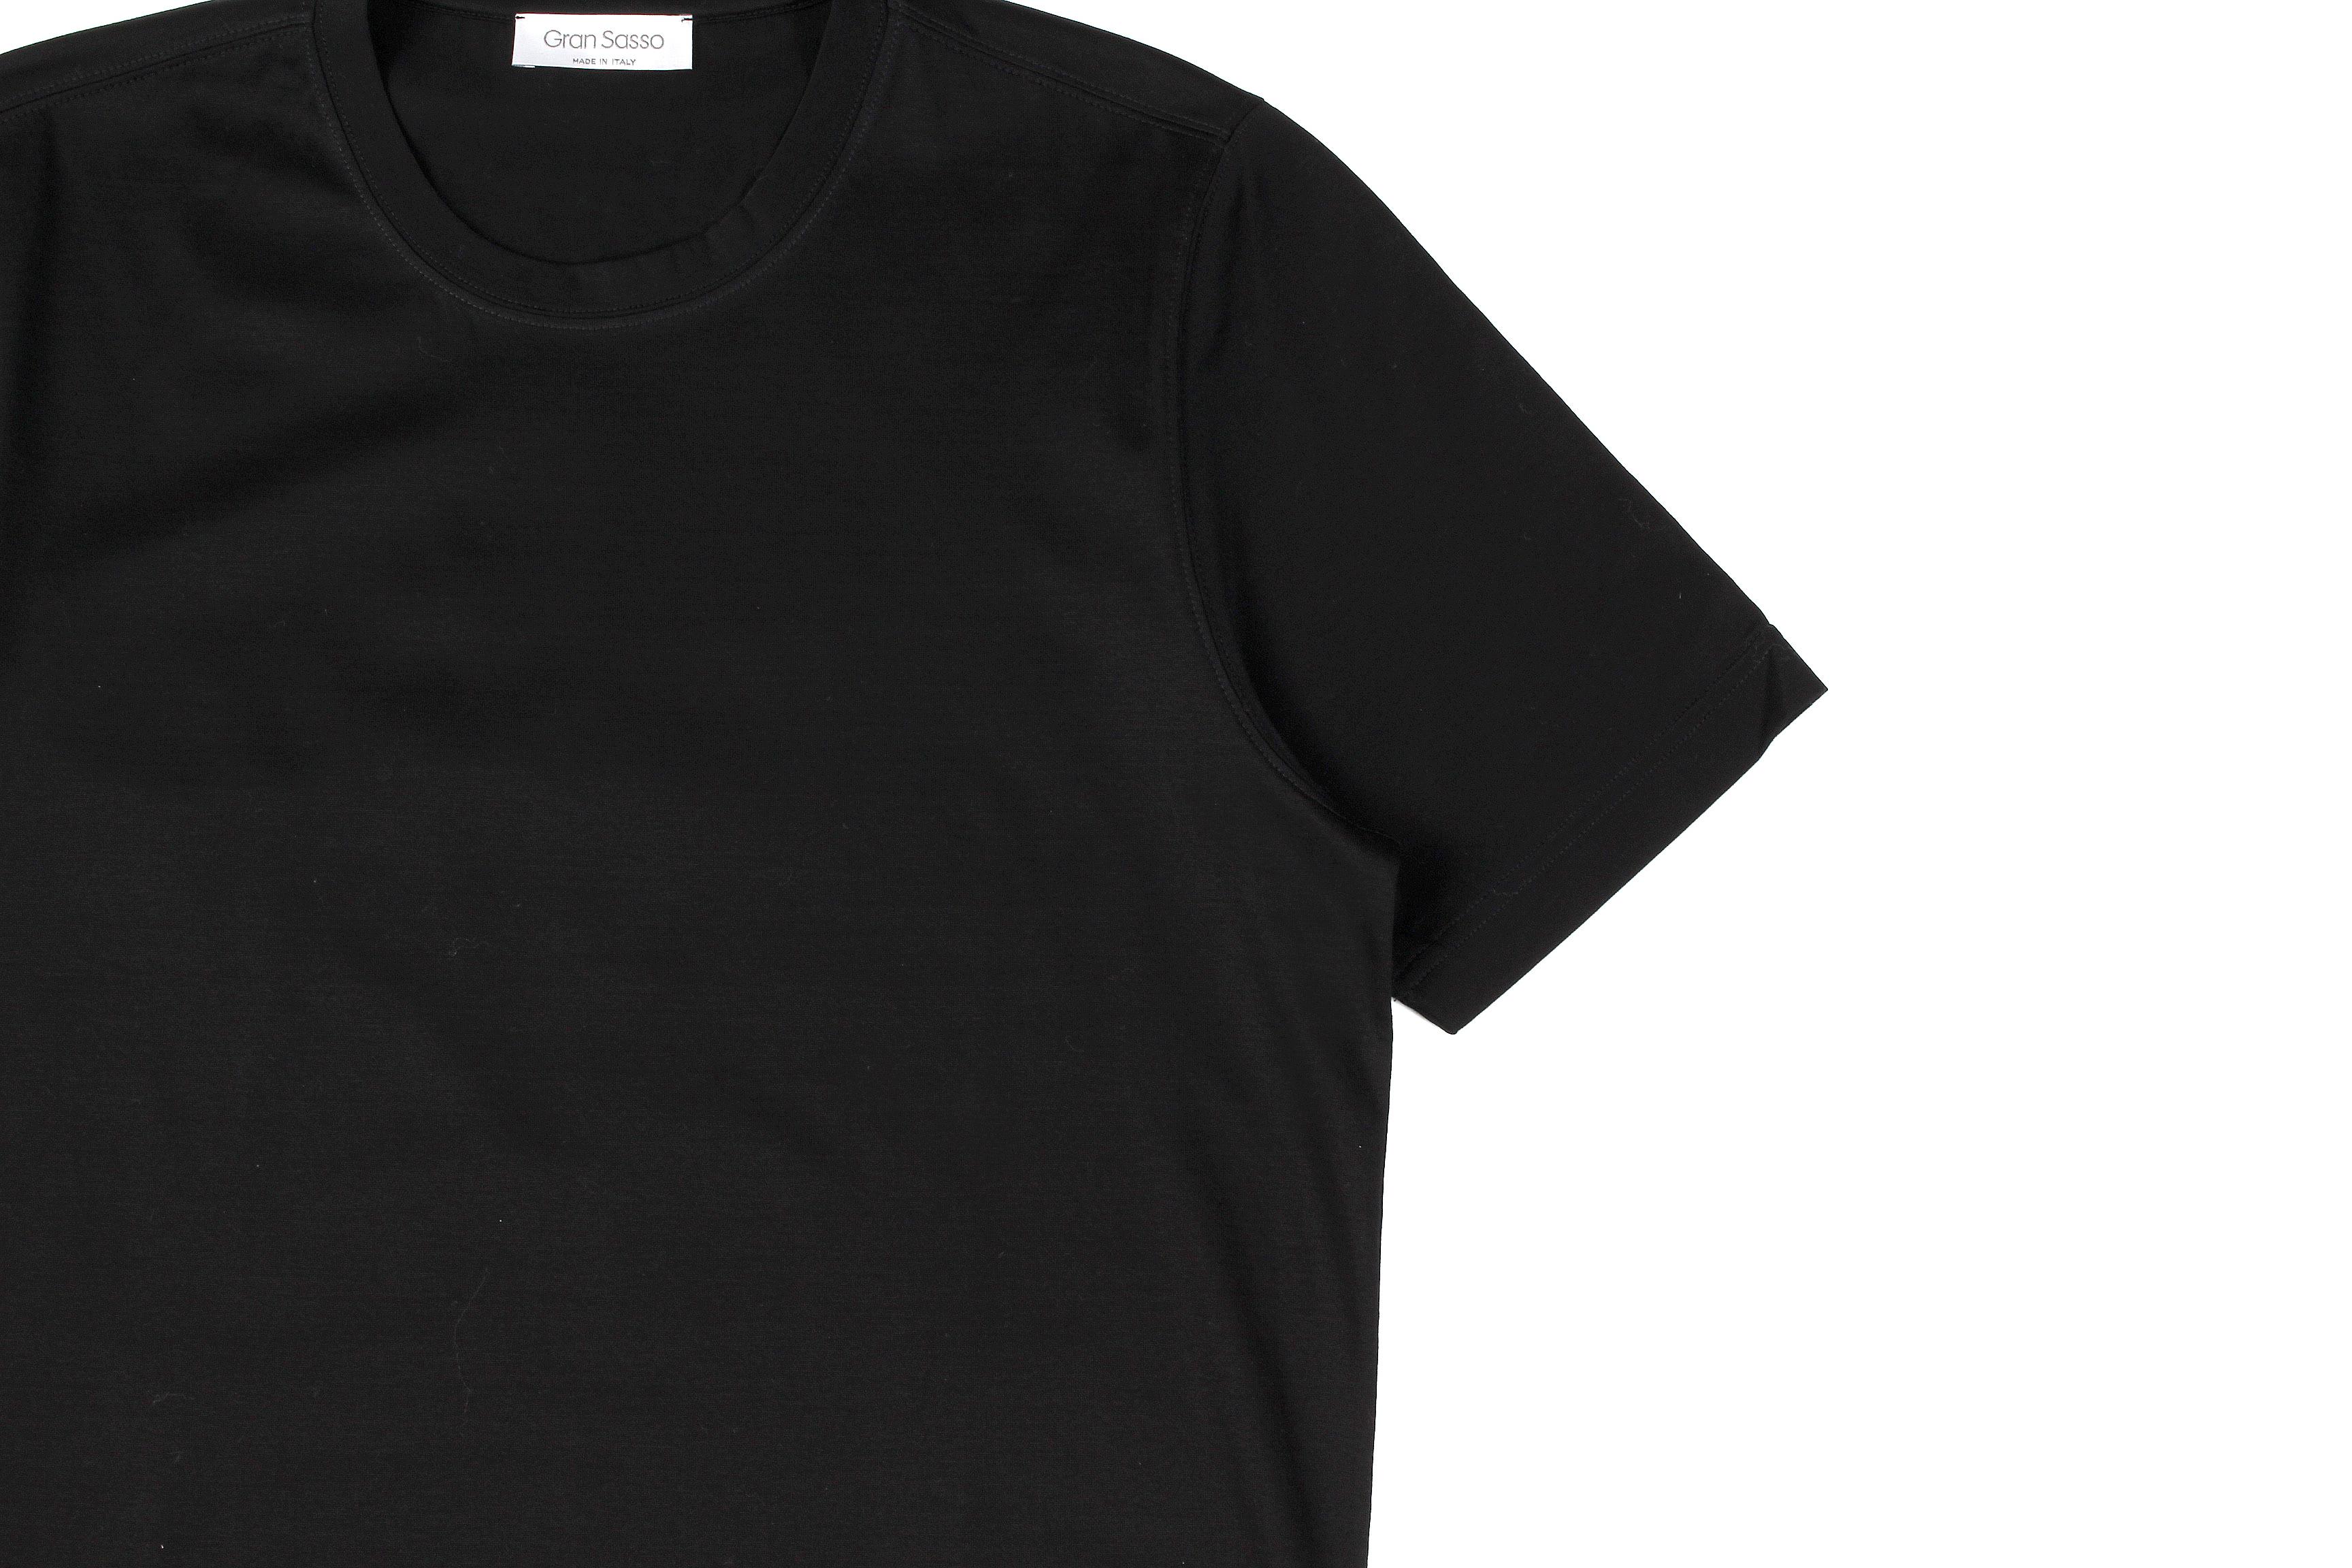 Gran Sasso (グランサッソ) Crew Neck T-shirt (クルーネック Tシャツ) Mercerised Cotton マーセライズドコットン Tシャツ BLACK (ブラック・099) made in italy (イタリア製) 2021春夏新作 gransasso 愛知 名古屋 Alto e Diritto altoediritto アルトエデリット TEE